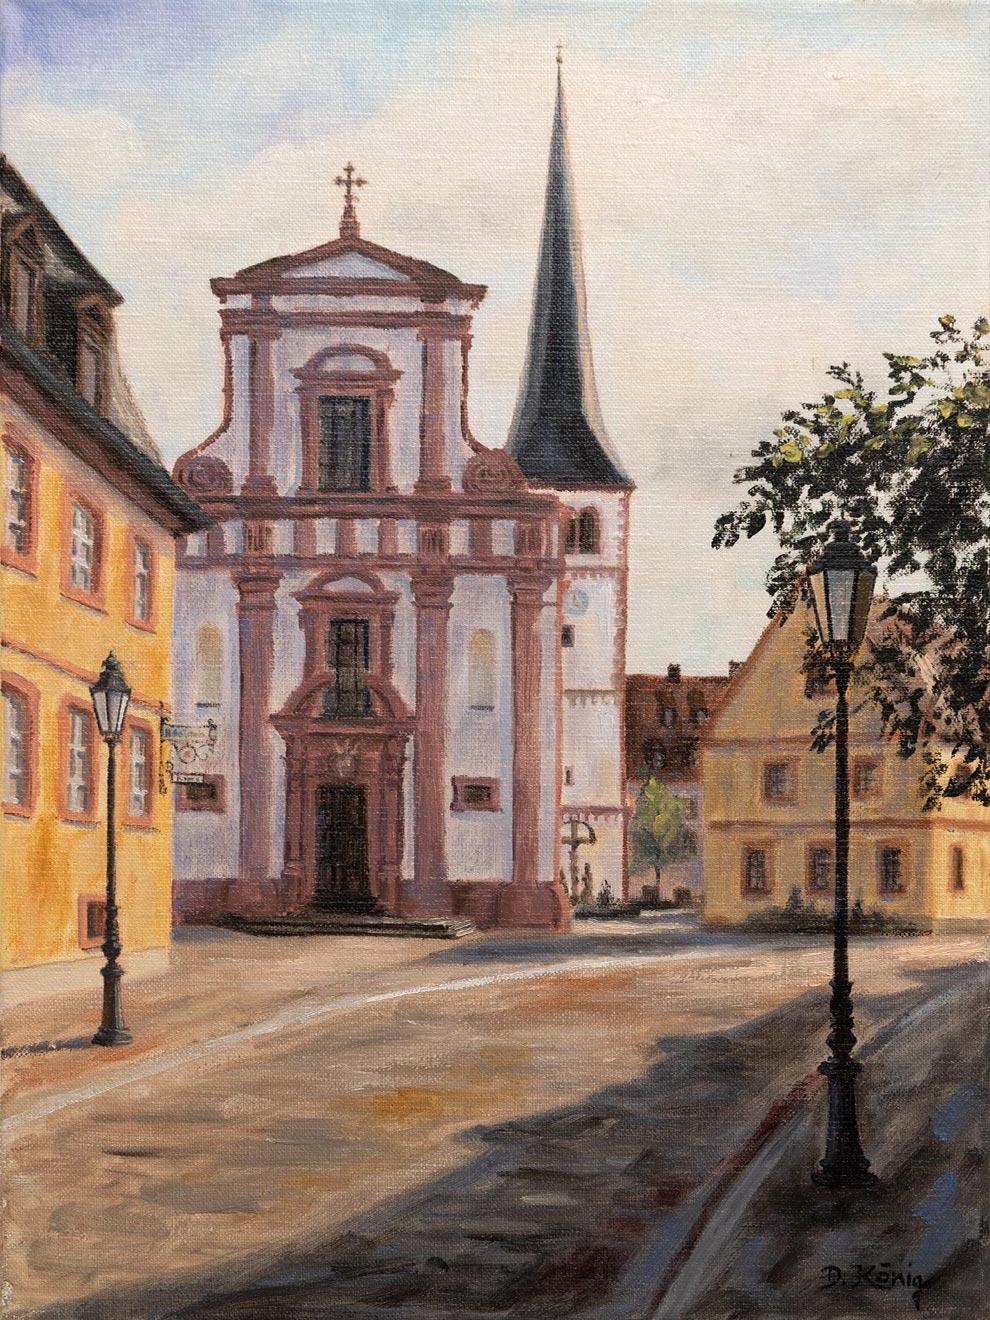 Veitshöchheim Kirchstrasse Mit Pfarrkirche St. Vitus - 30 X 40 Cm - Öl Auf Leinen